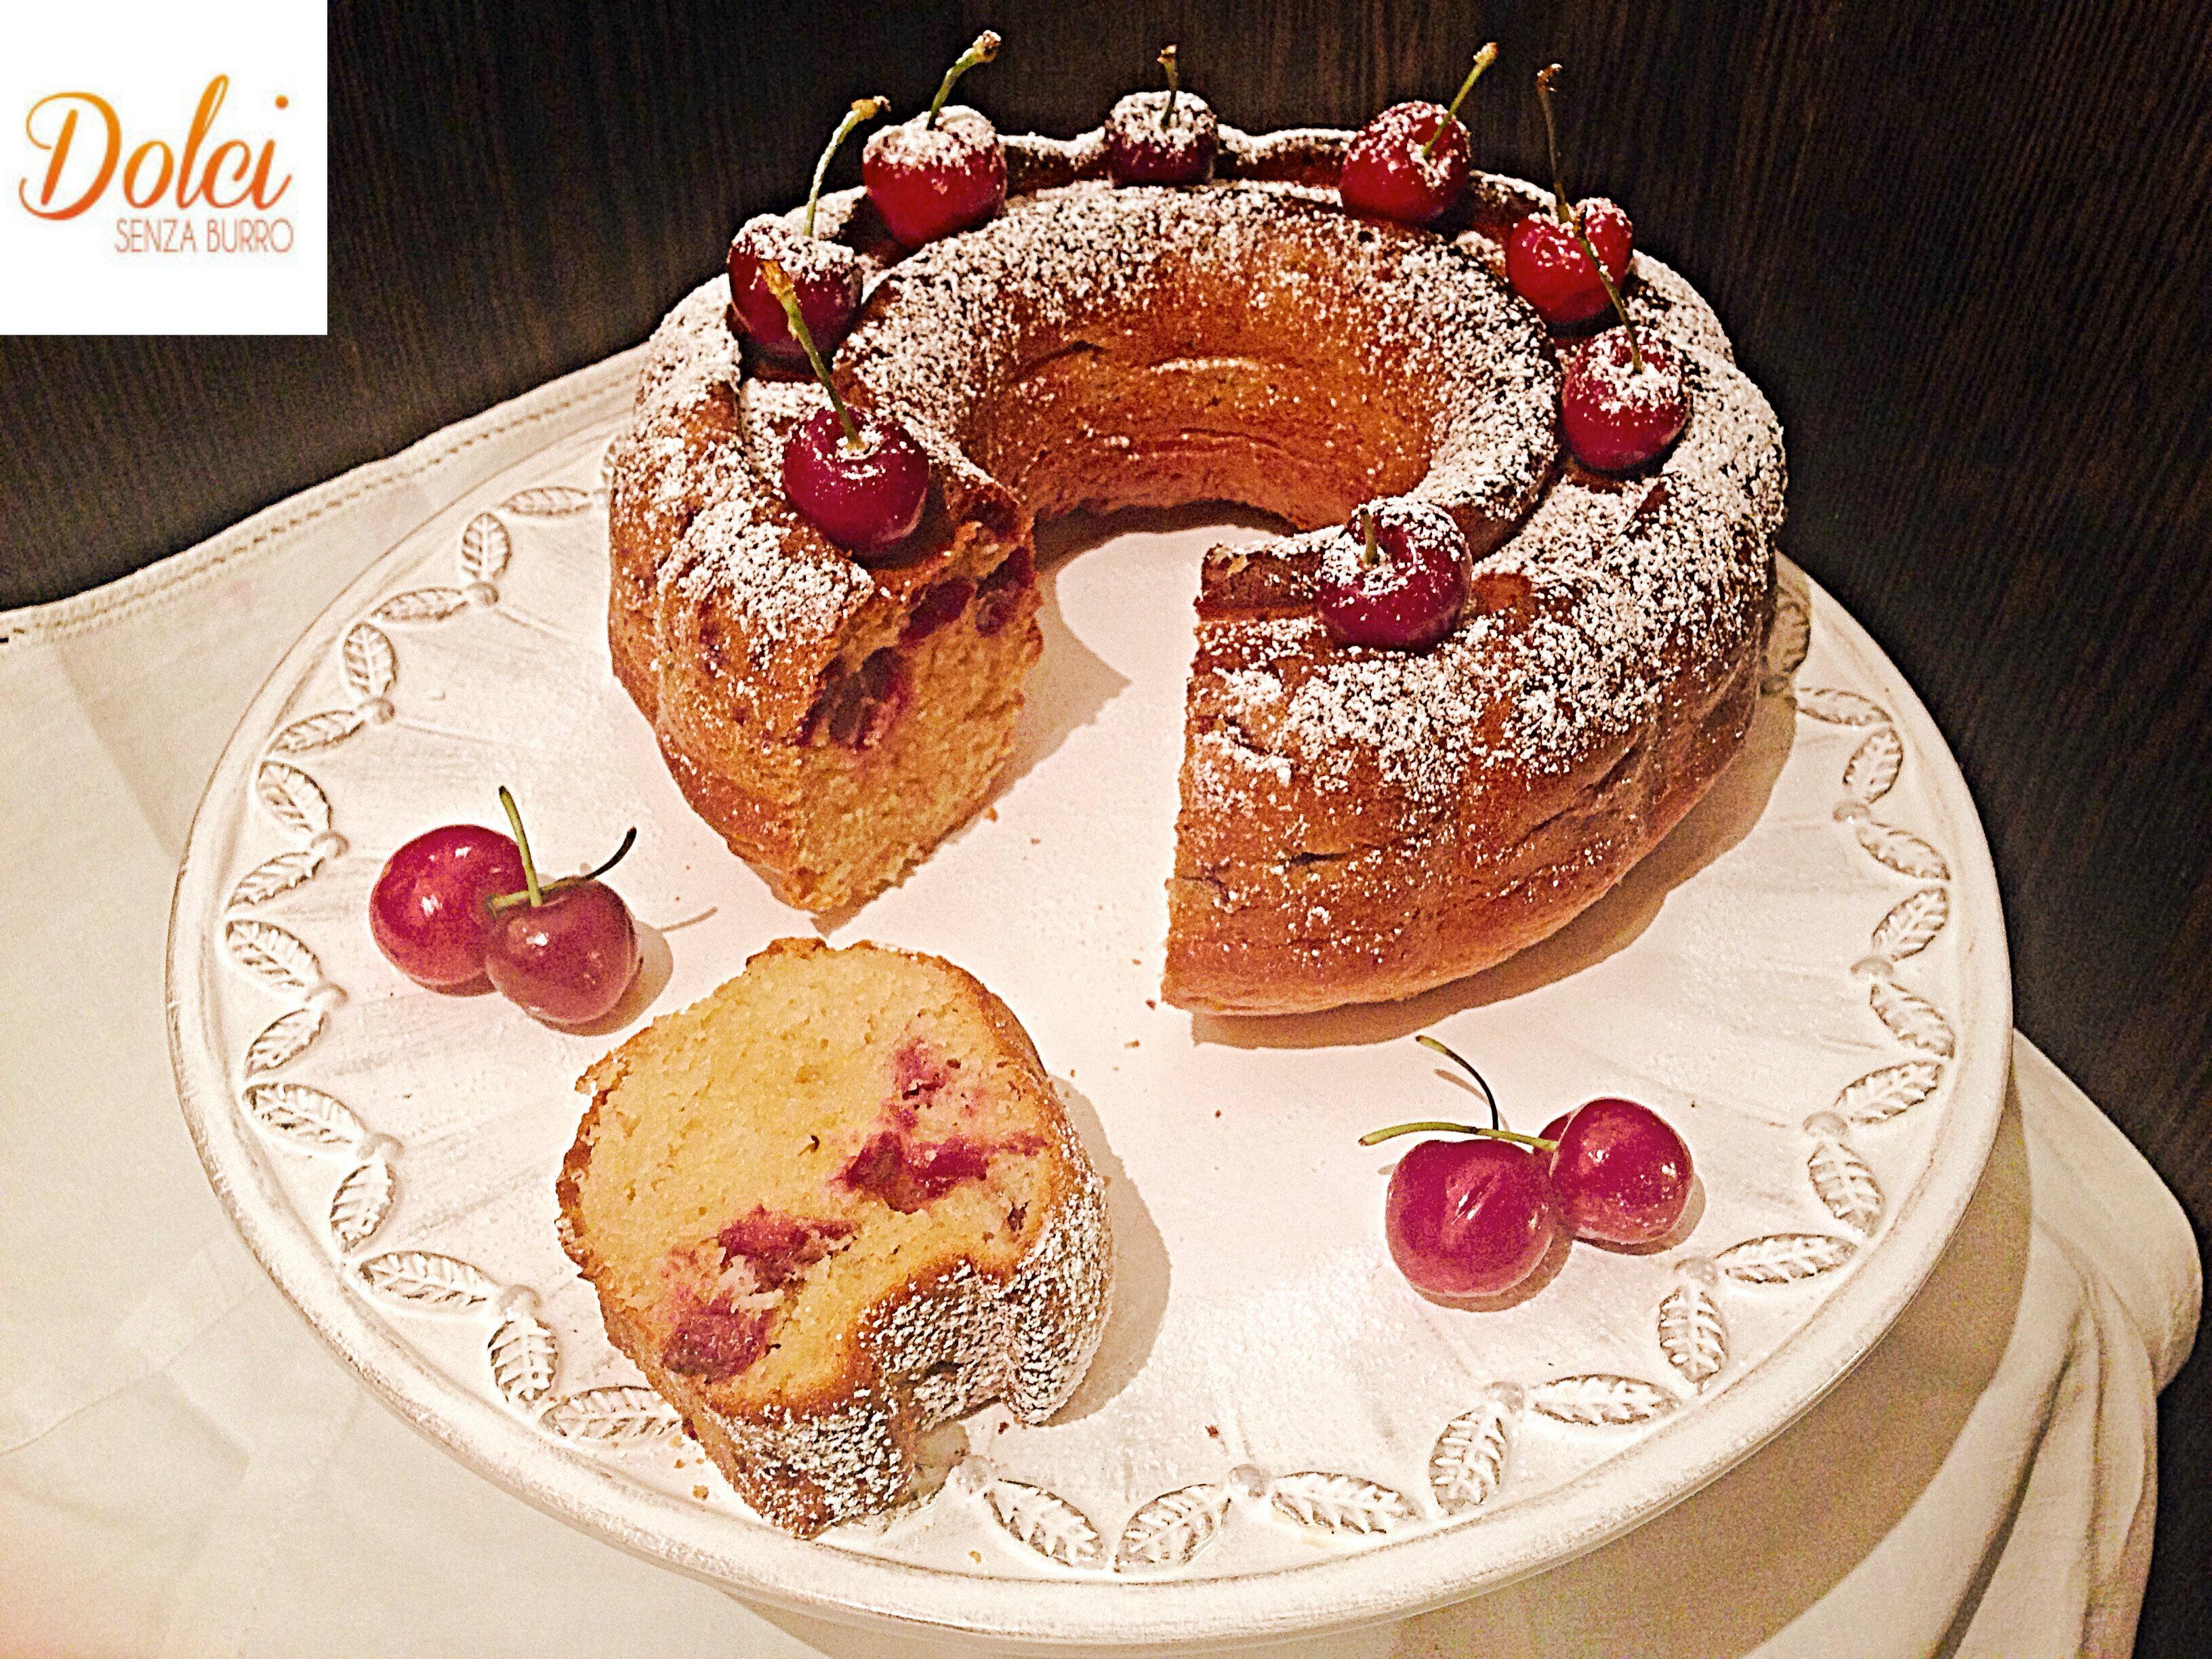 Torta di Ciliegie Senza burro, il dolce soffice leggero e goloso di dolci senza burro